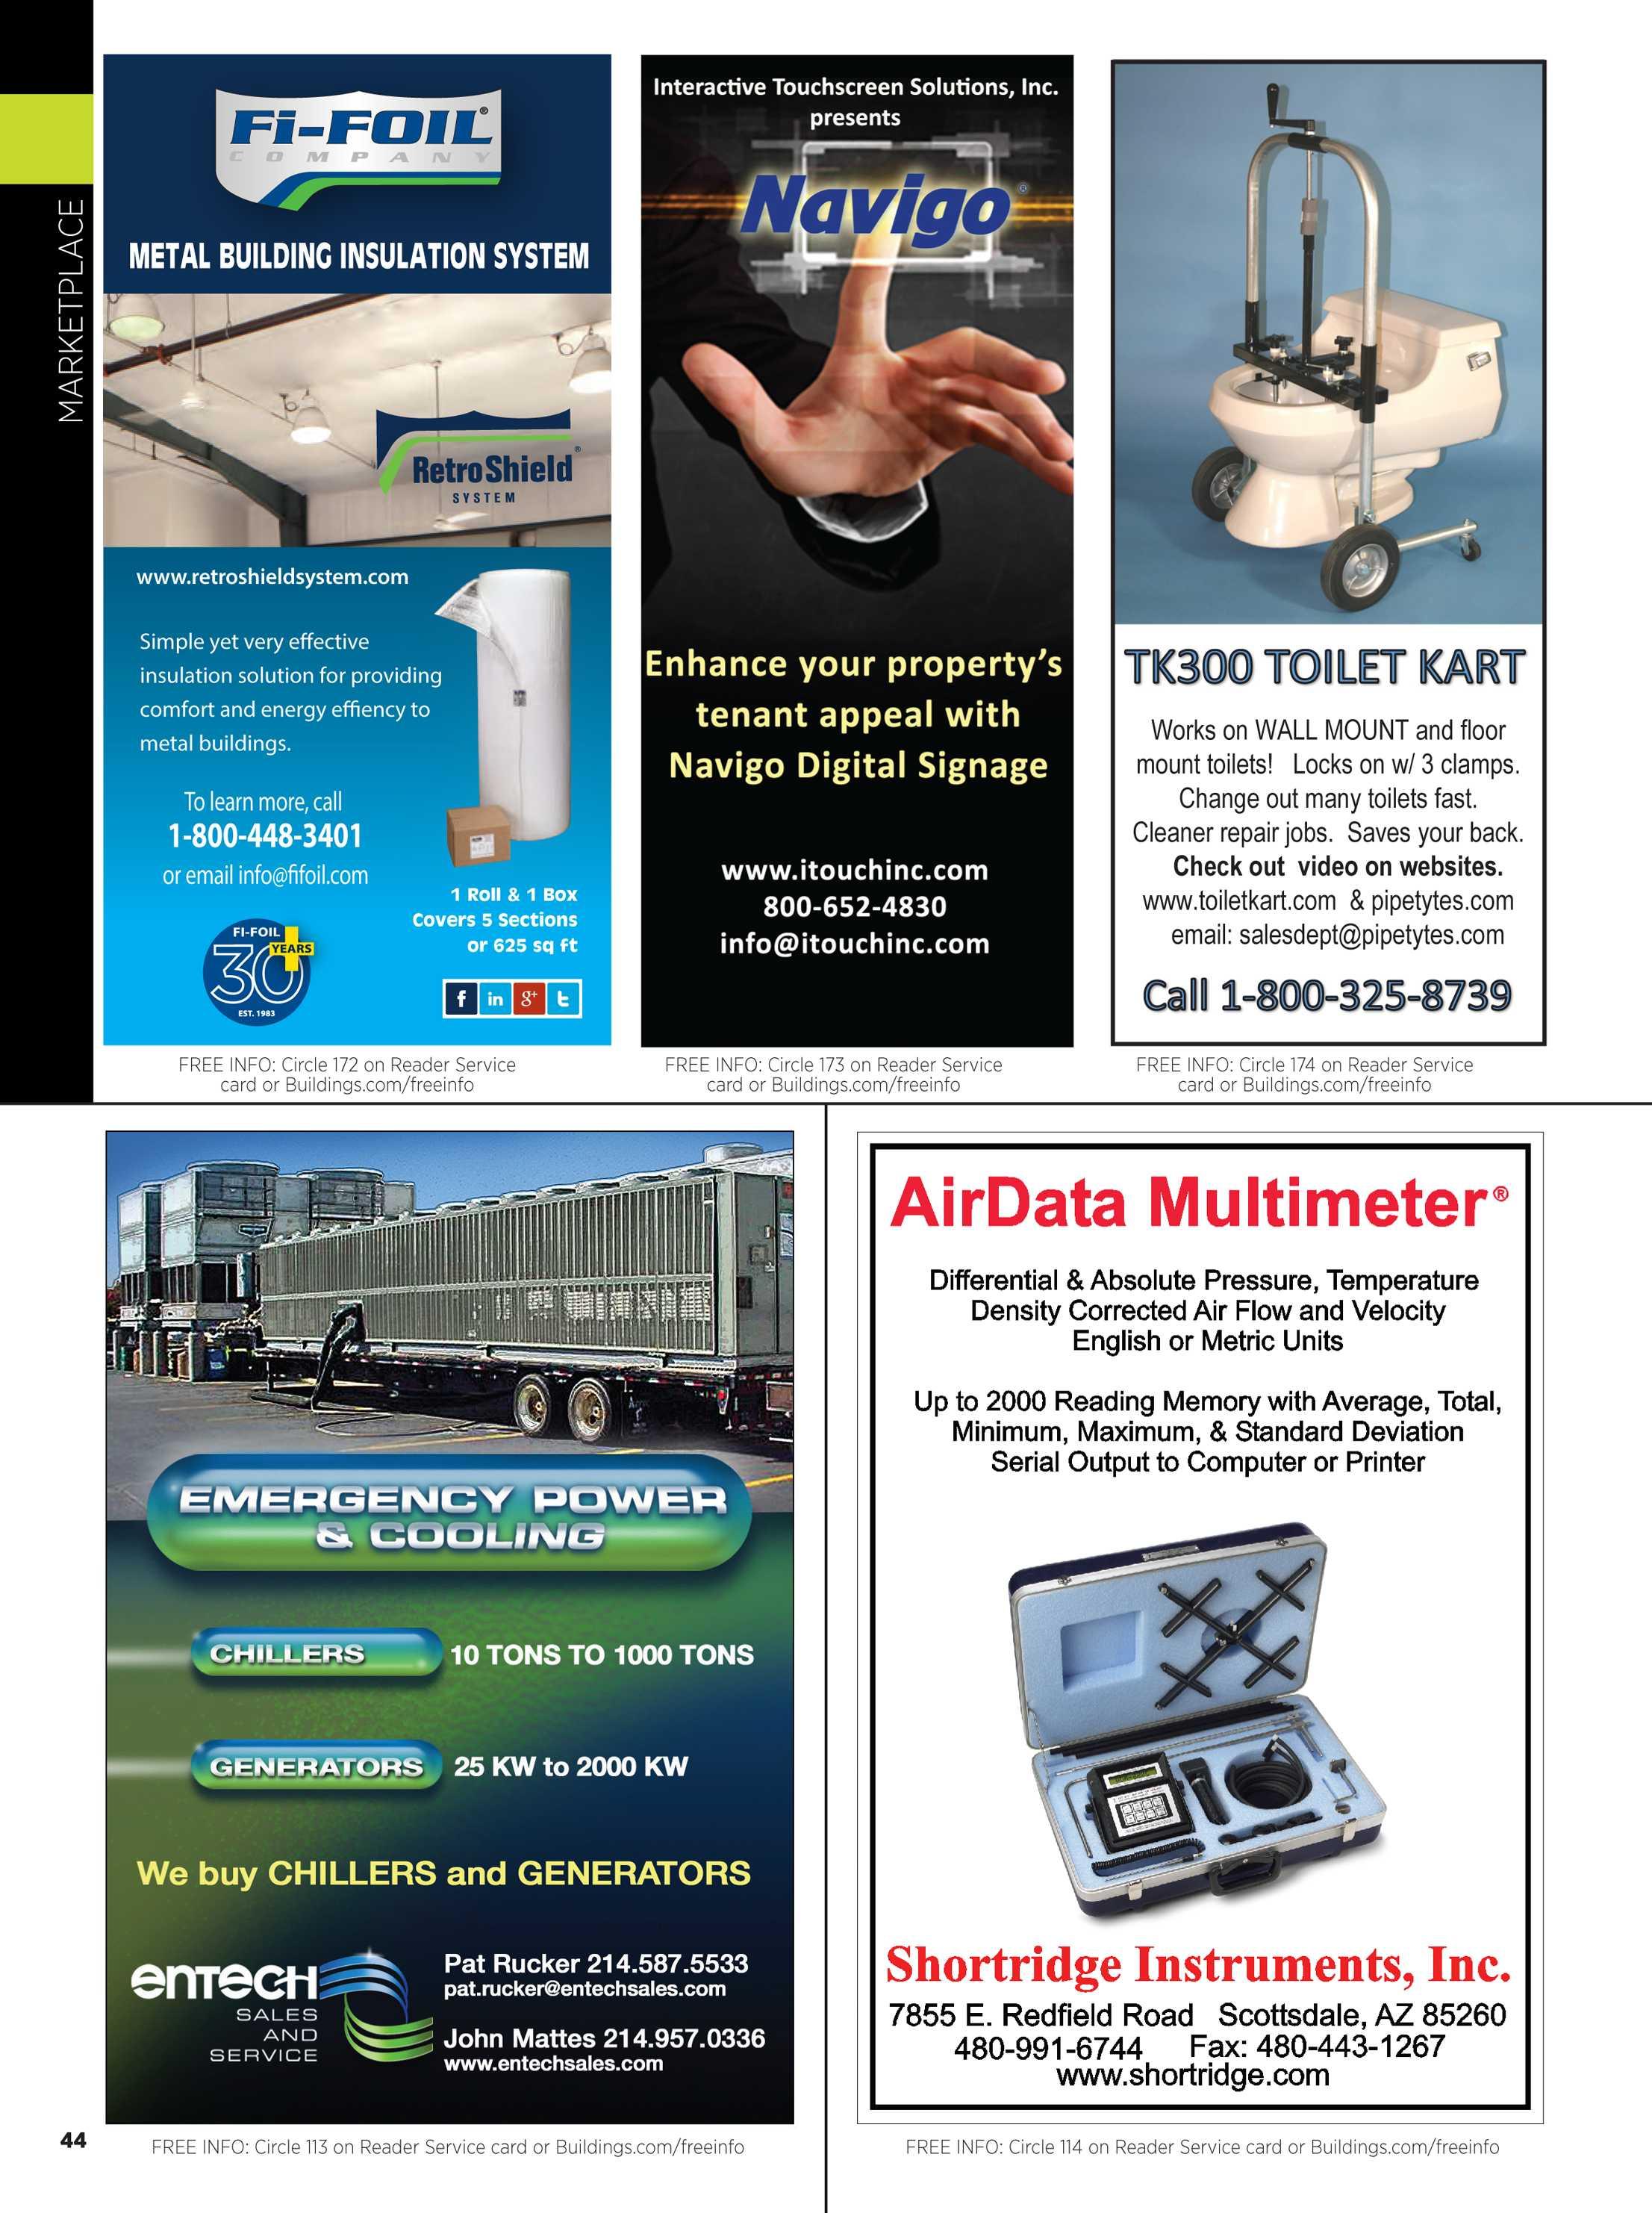 Buildings Magazine - April 2015 - page 44